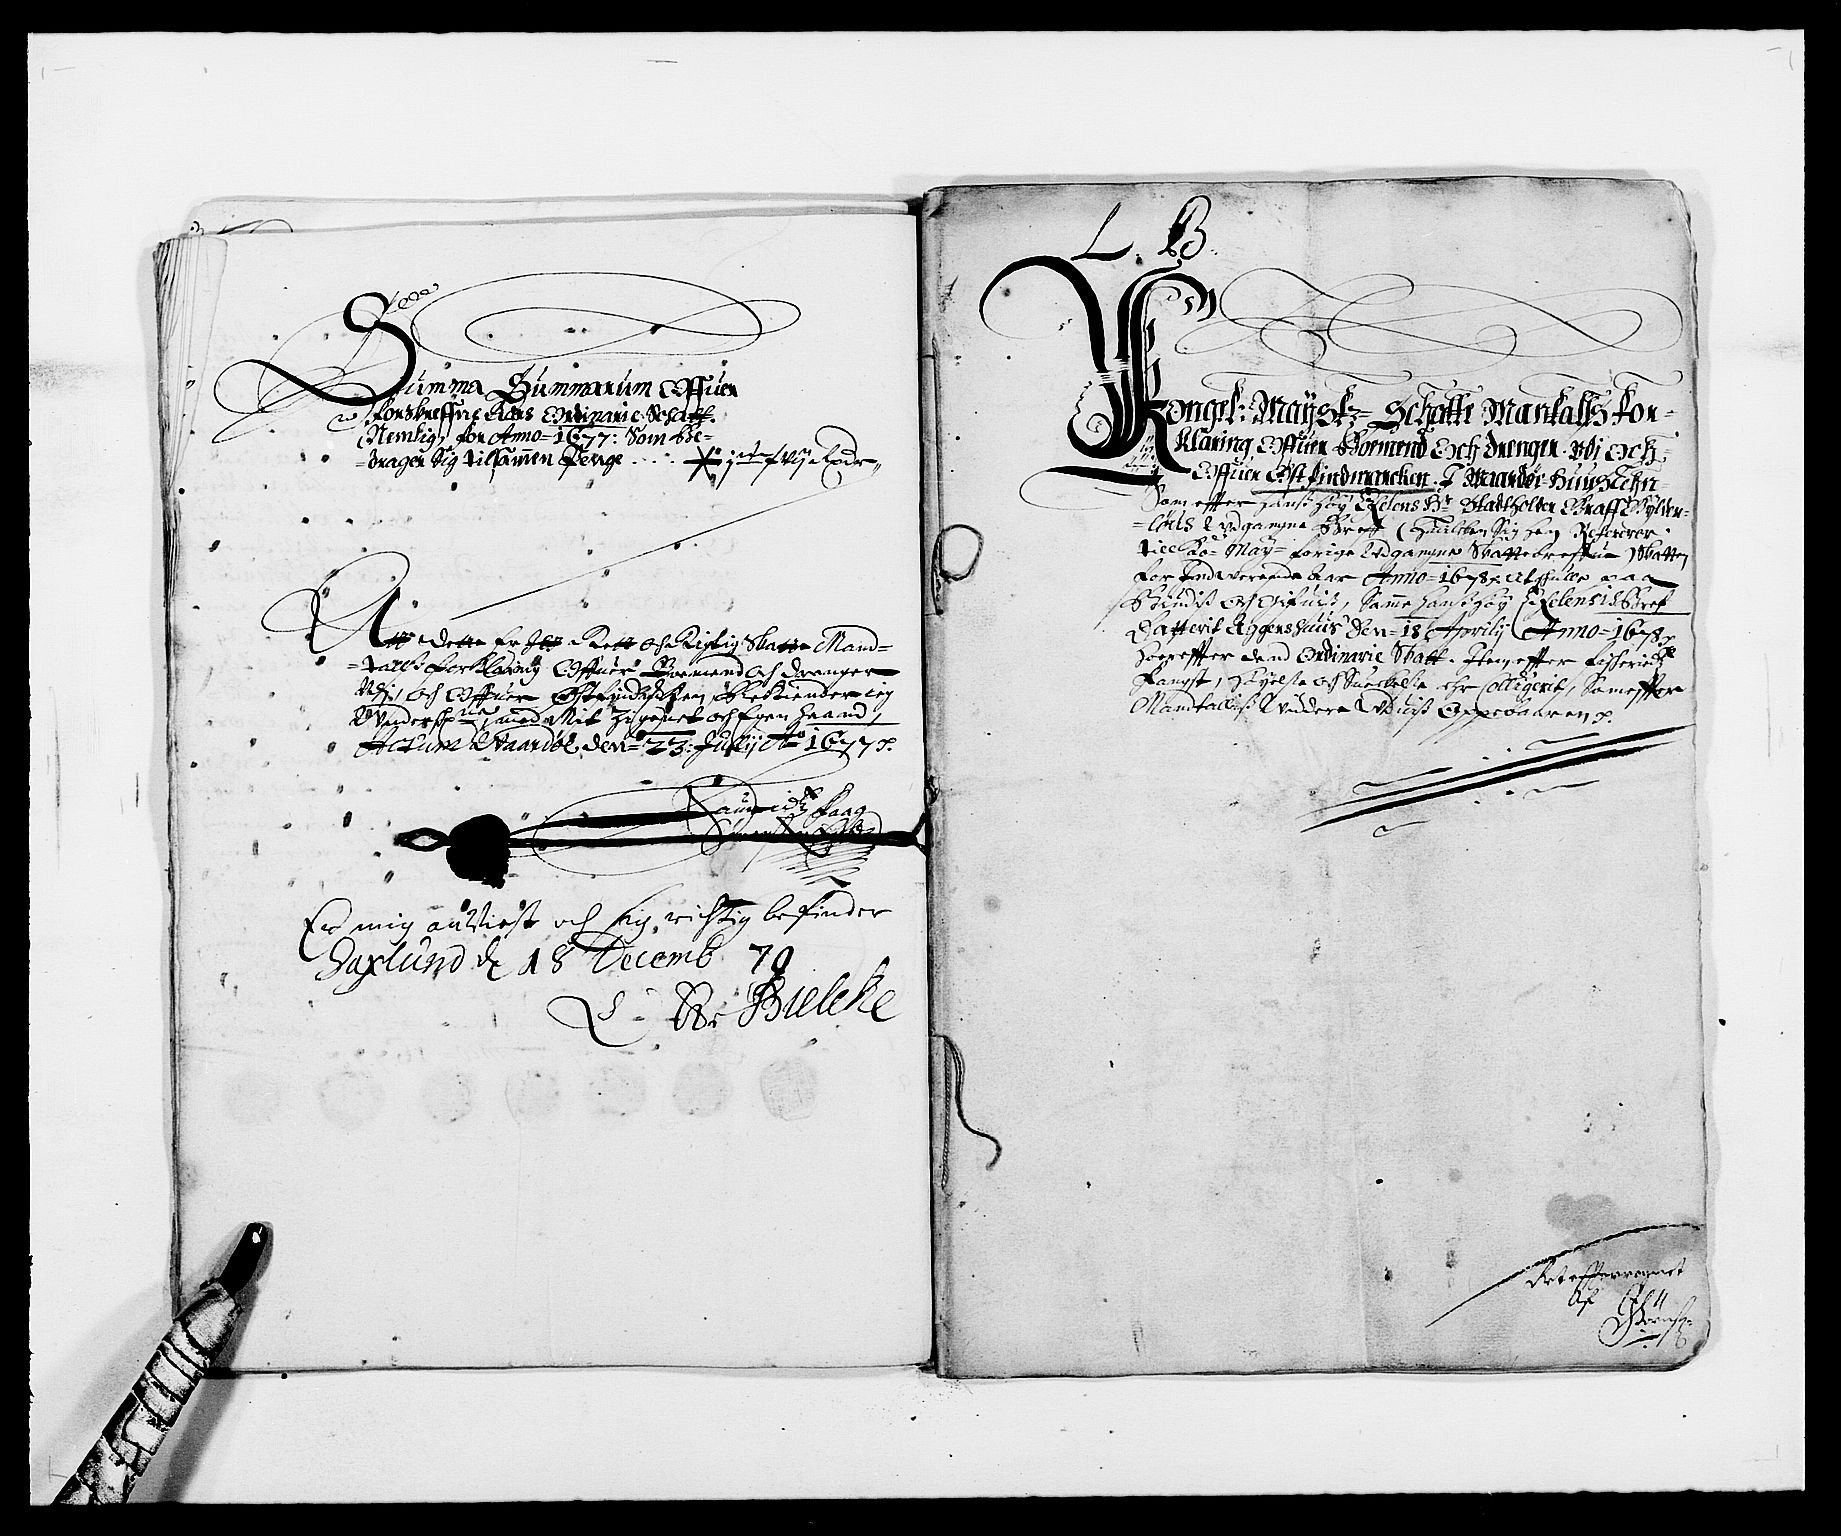 RA, Rentekammeret inntil 1814, Reviderte regnskaper, Fogderegnskap, R69/L4849: Fogderegnskap Finnmark/Vardøhus, 1661-1679, s. 390